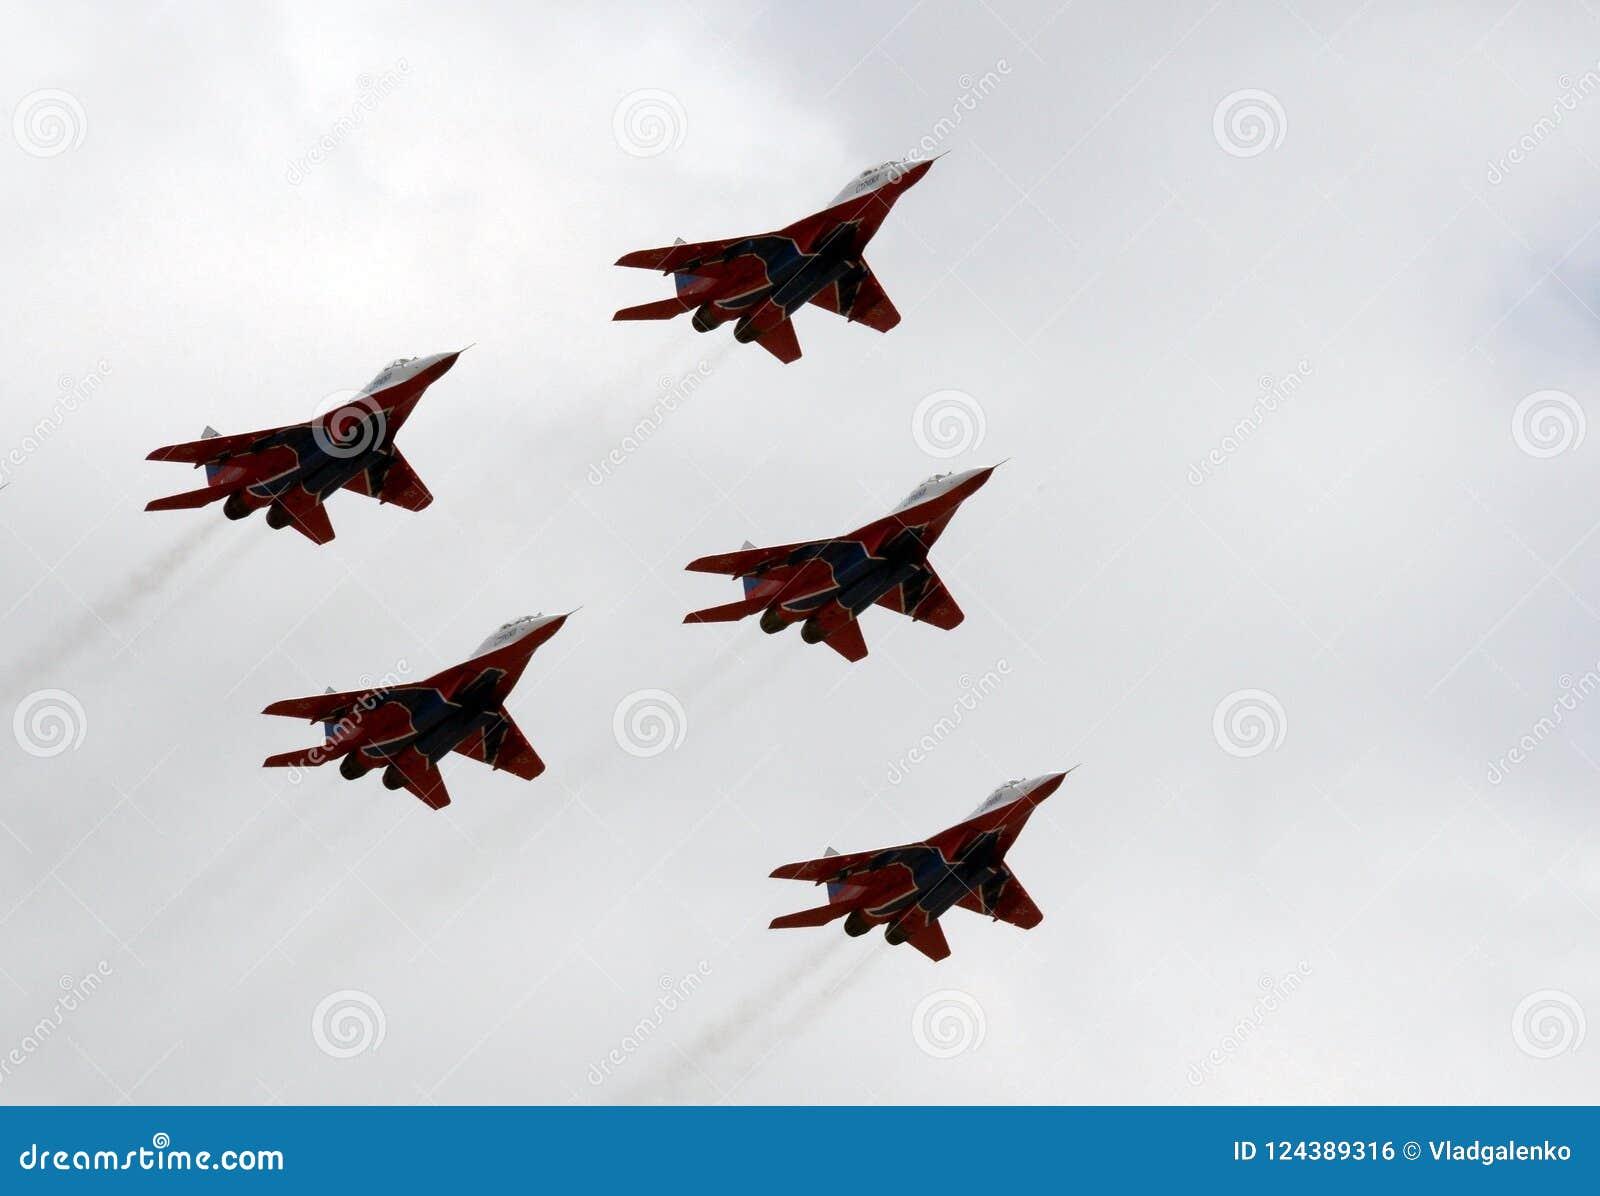 Performance de l équipe acrobatique aérienne de Swifts sur les combattants MiG-29 fortement manoeuvrables universels au-dessus de